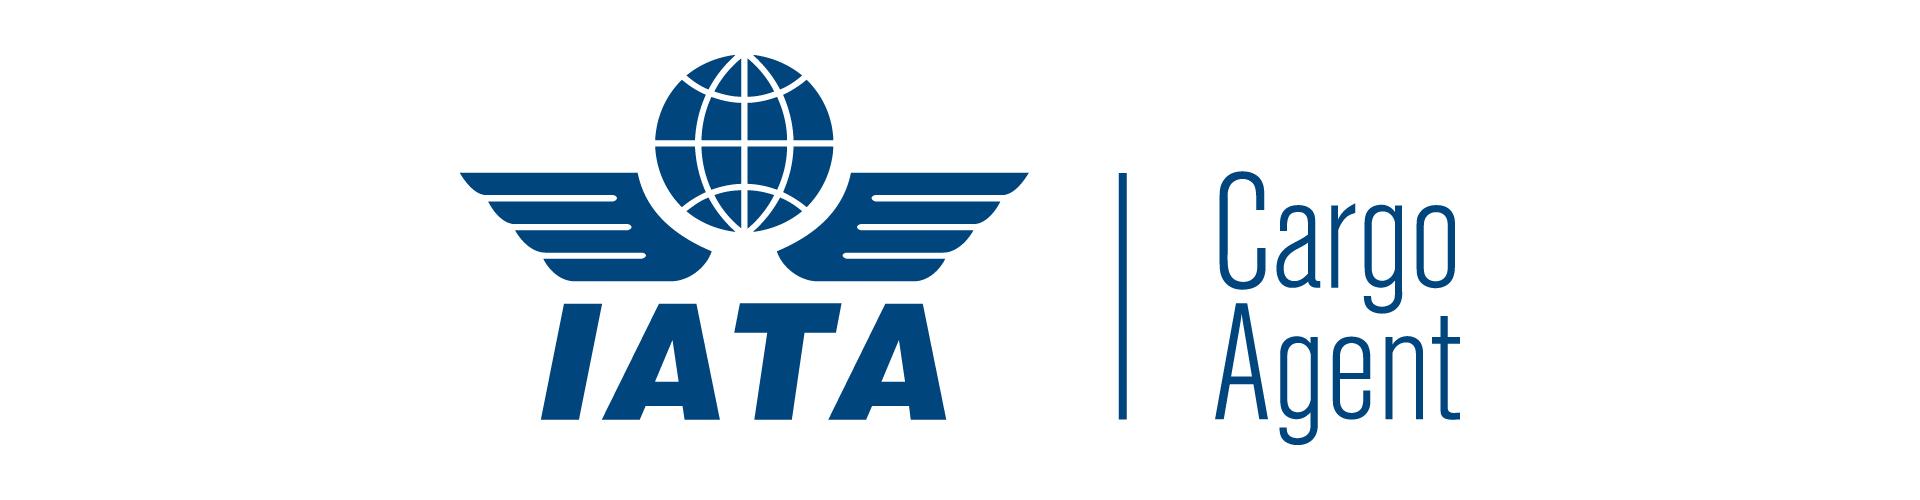 Maintaler Group Ist Offizieller IATA Agent